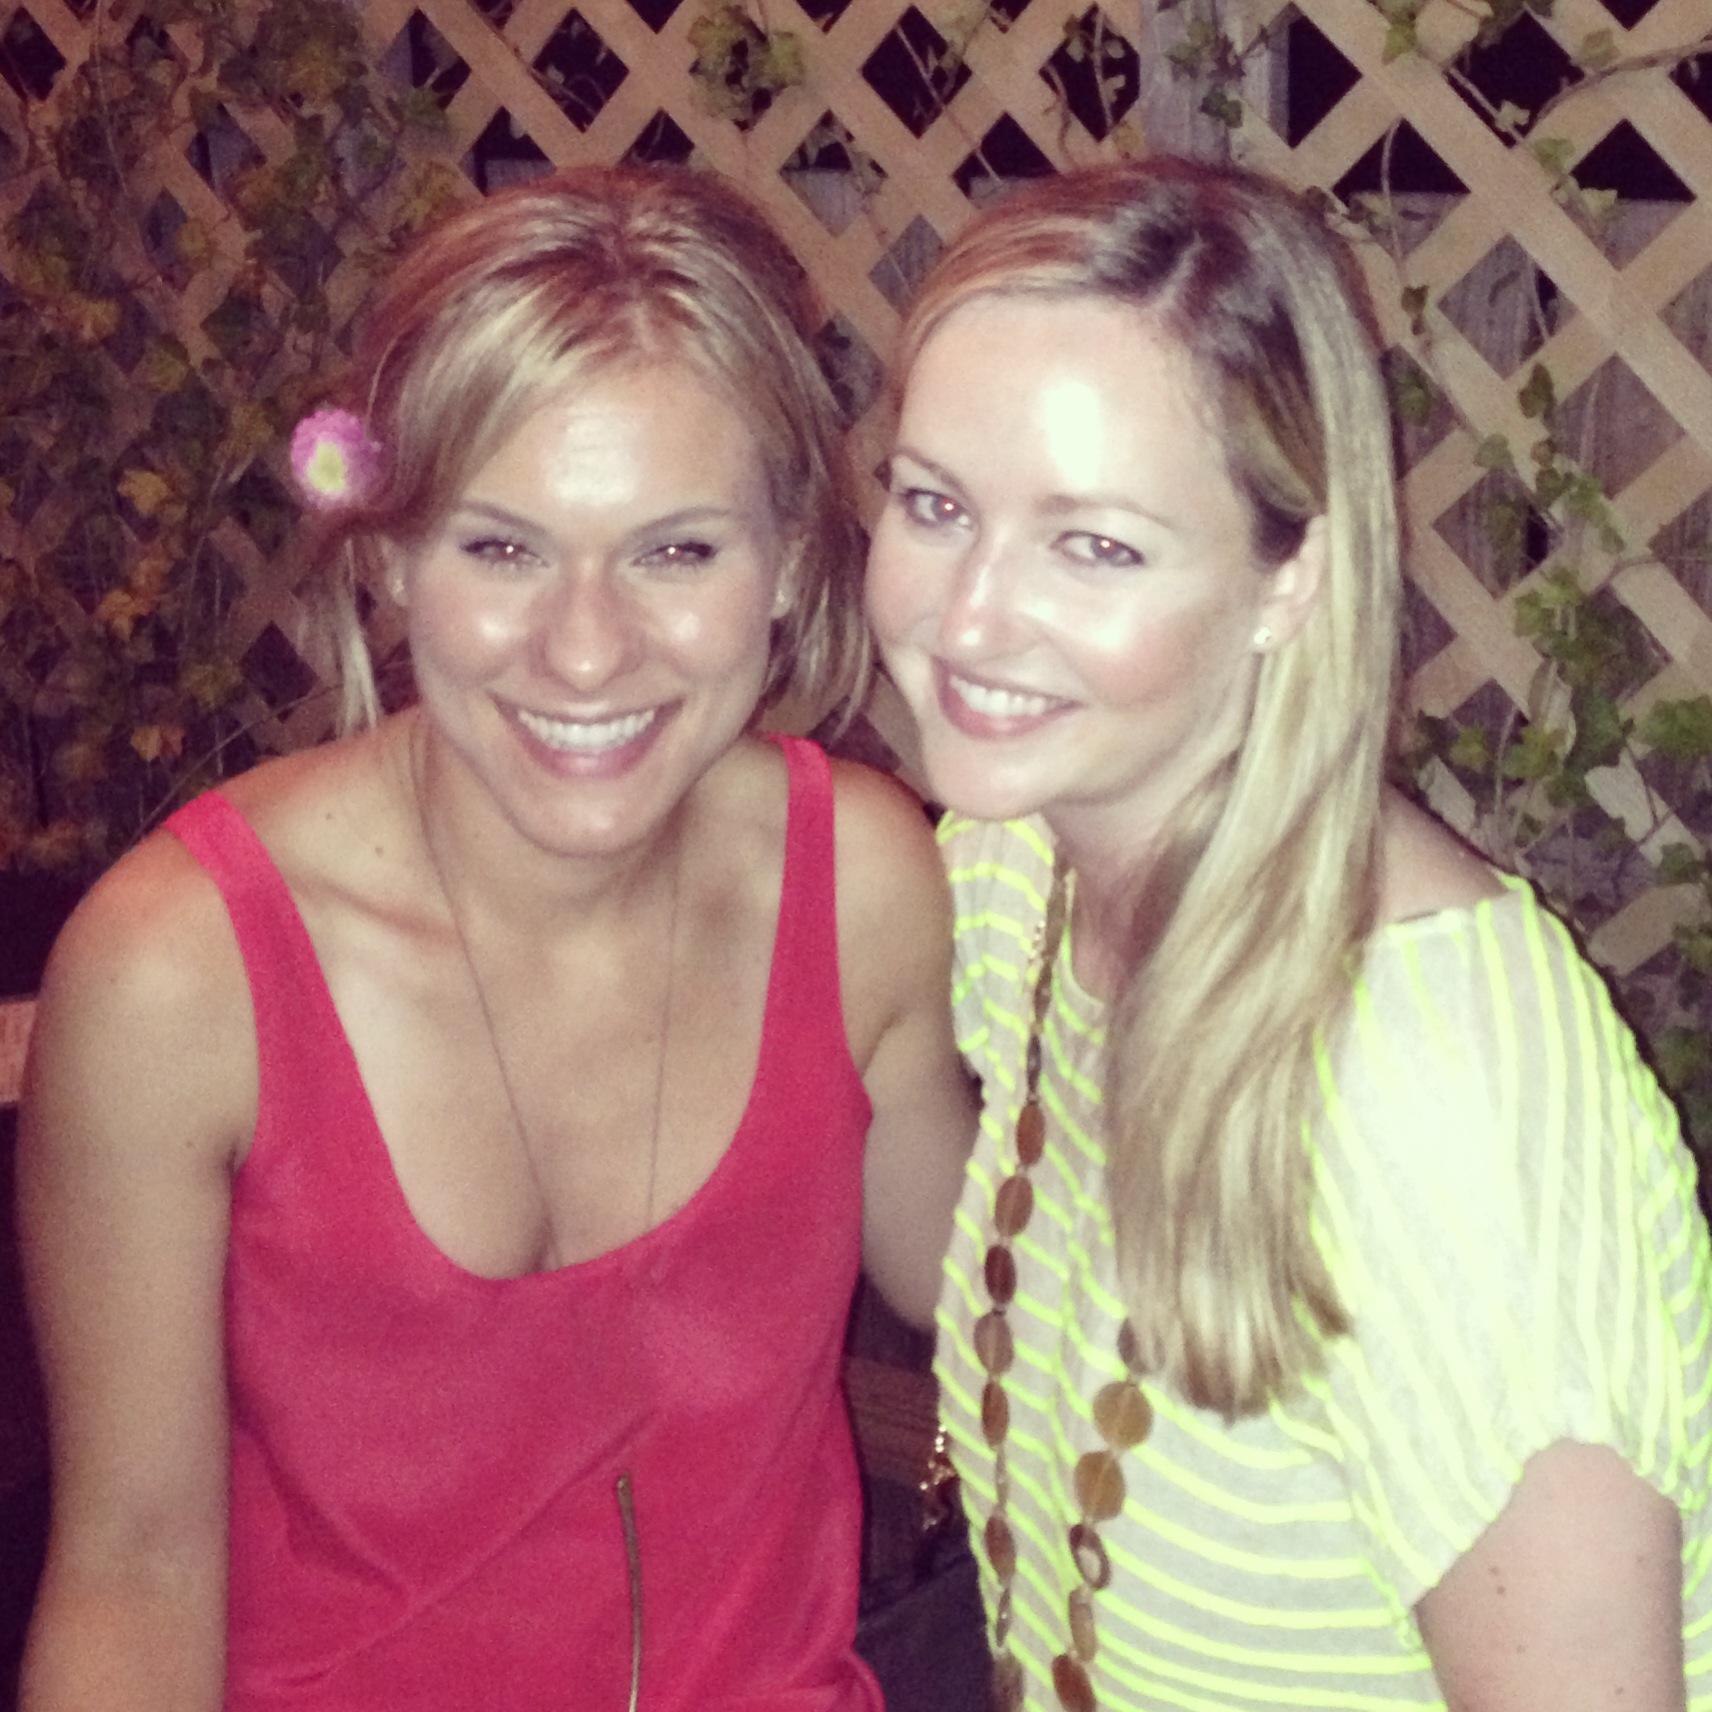 Catherine & me 7.13.13